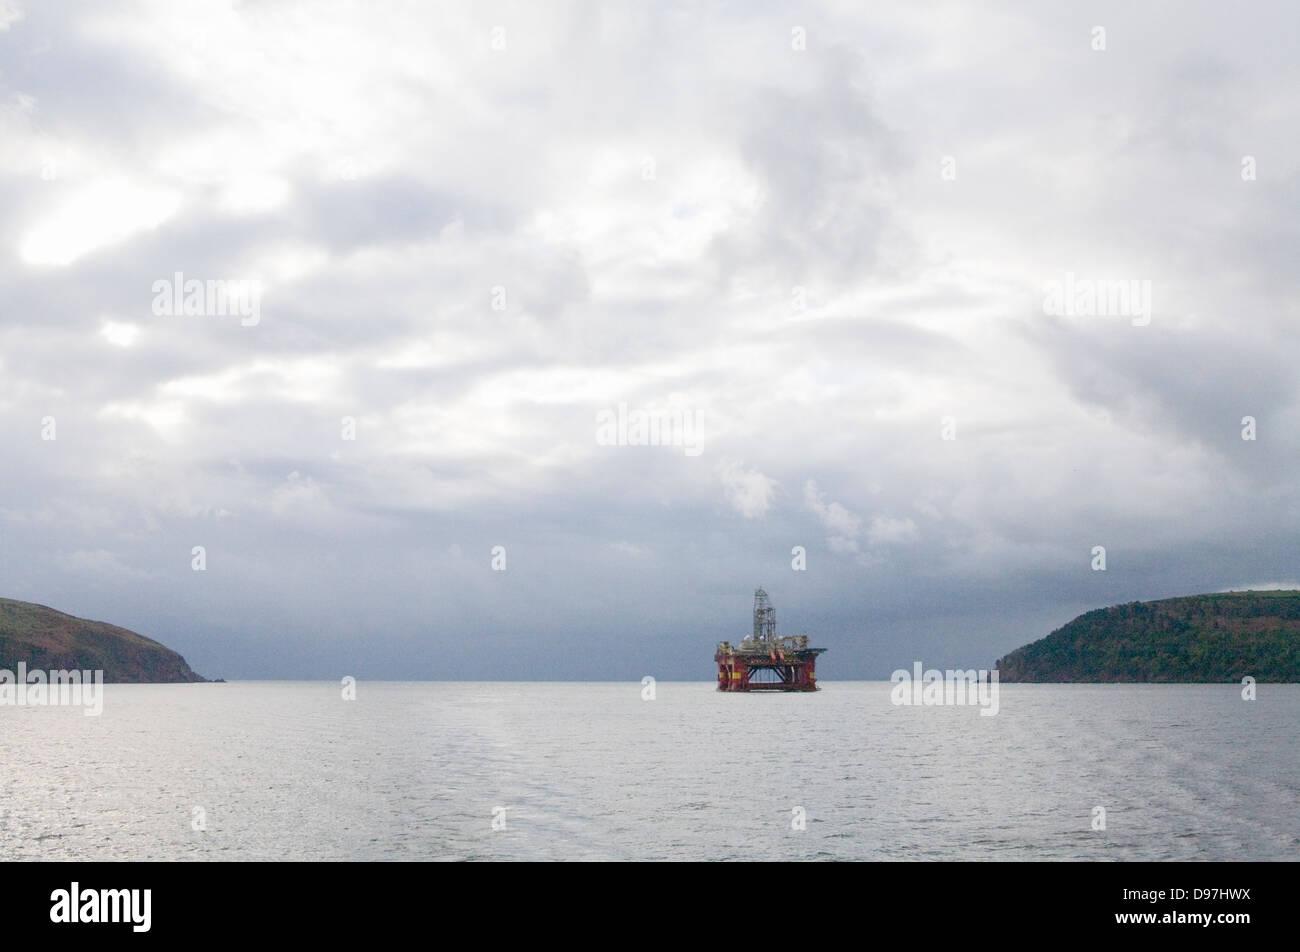 Oil drilling rig  Stena Don Semi submersible vessel Invergordon Cromarty Firth Stock Photo